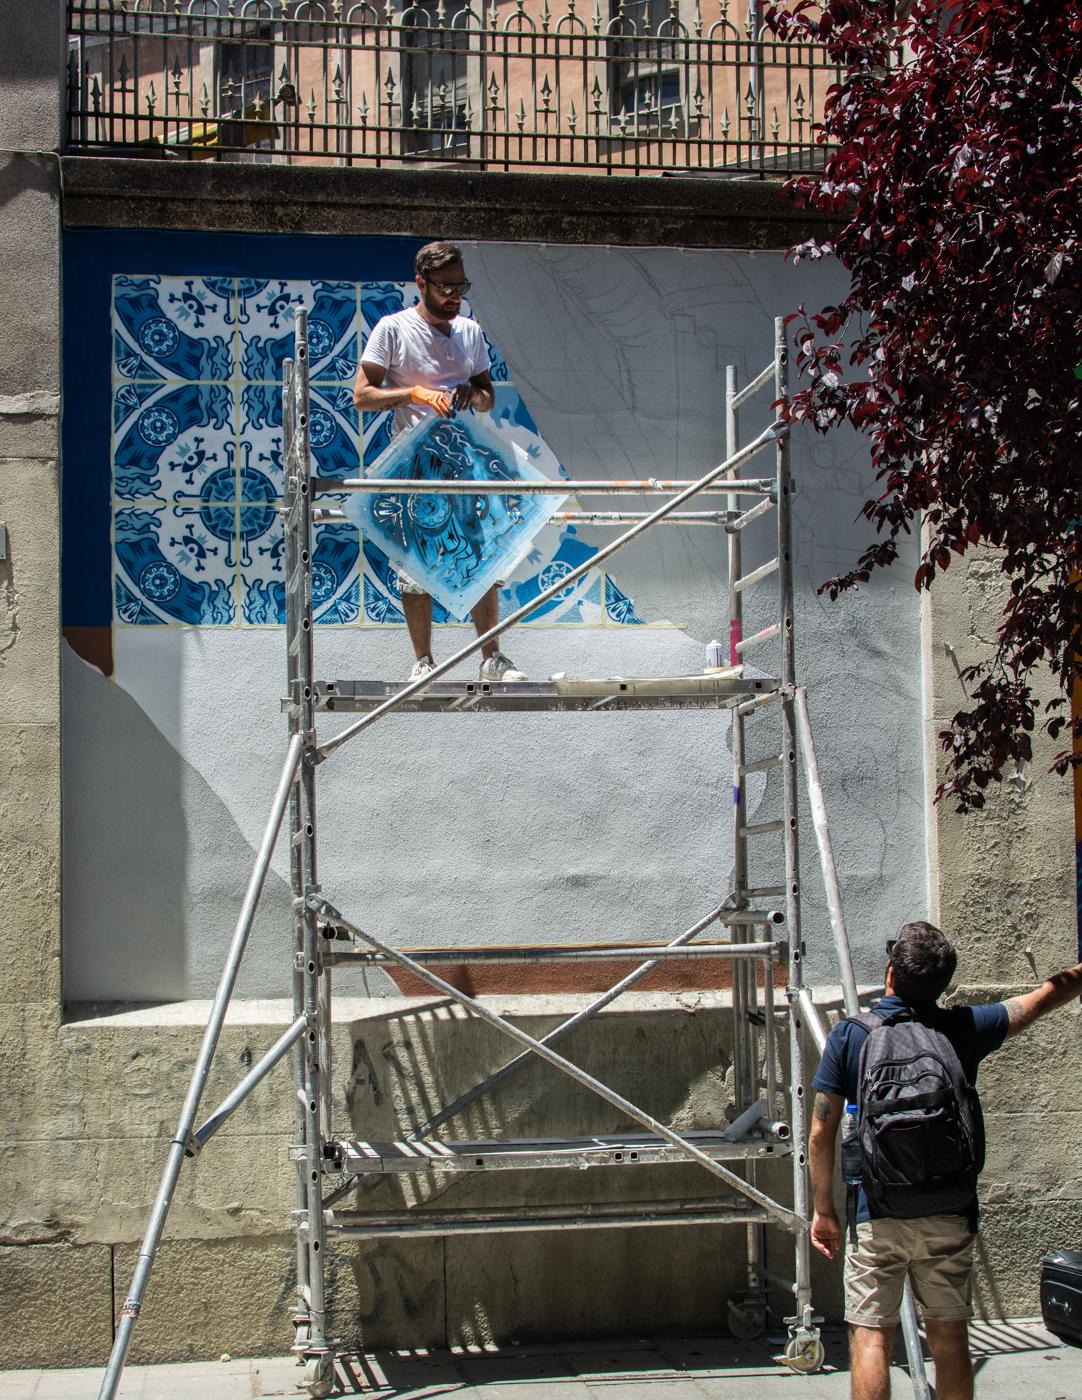 Add Fuel - MurosTabacalera by Guillermo de la Madrid - Madrid Street Art Project-53.jpg